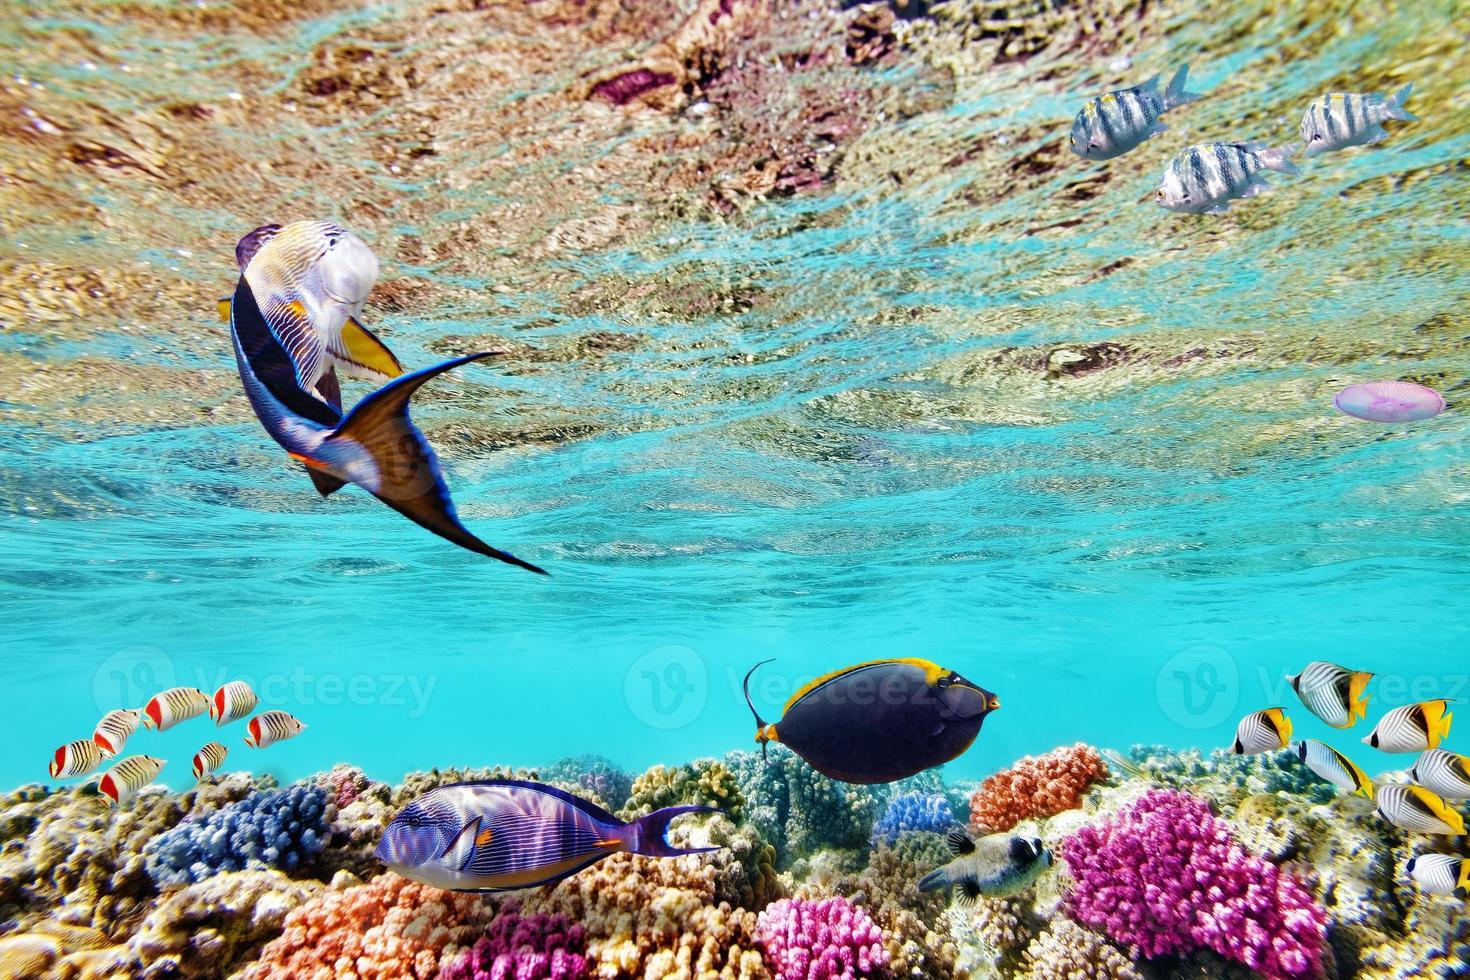 mondo sottomarino con coralli e pesci tropicali. foto